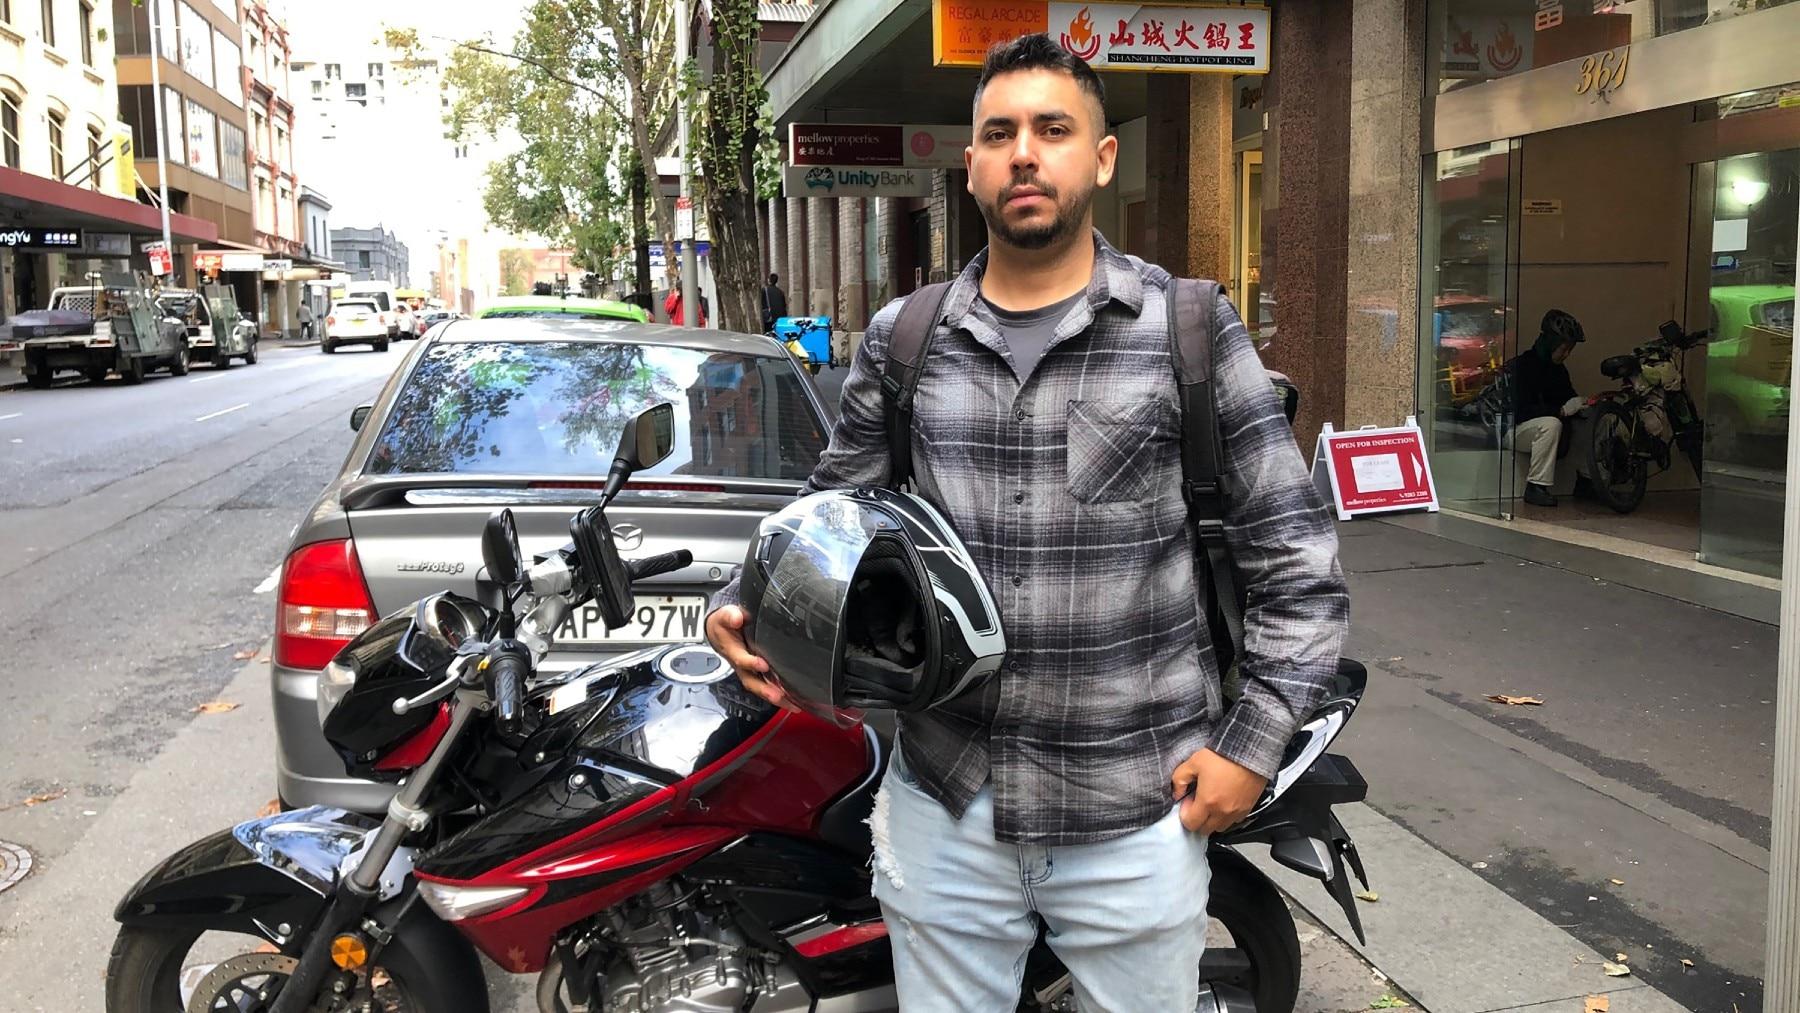 Diego Franco afirma nunca ter recebido os emails de aviso antes da mensagem que confirmava seu desligamento.